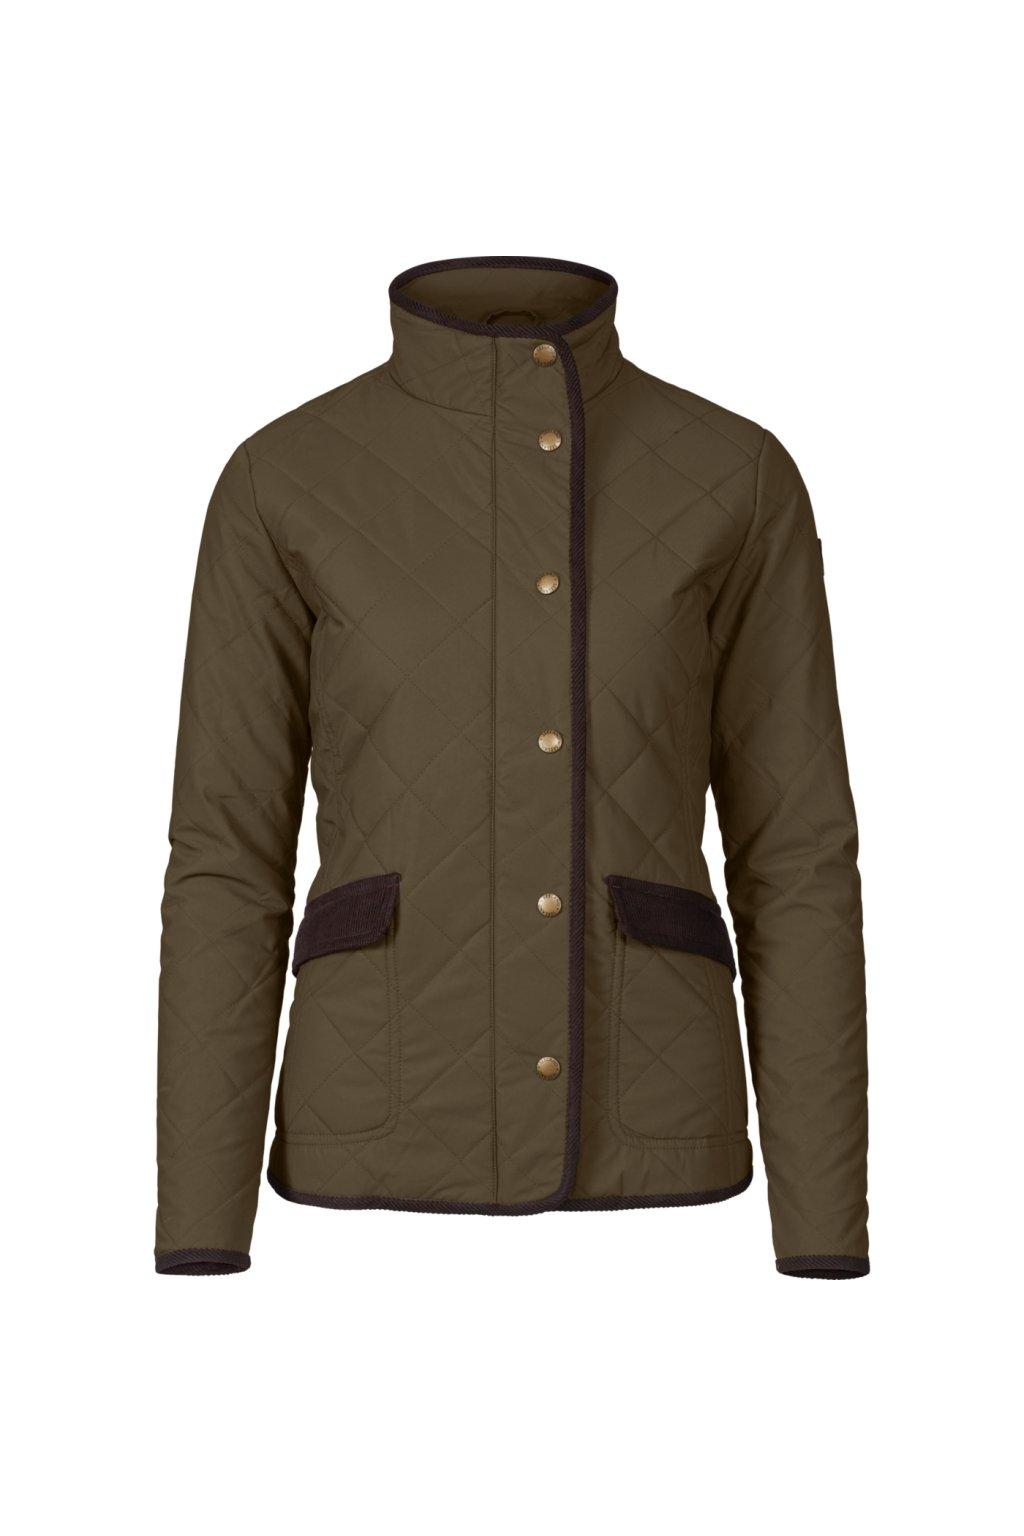 Seeland - Woodcock Advanced quilt bunda dámská NOVINKA 2020